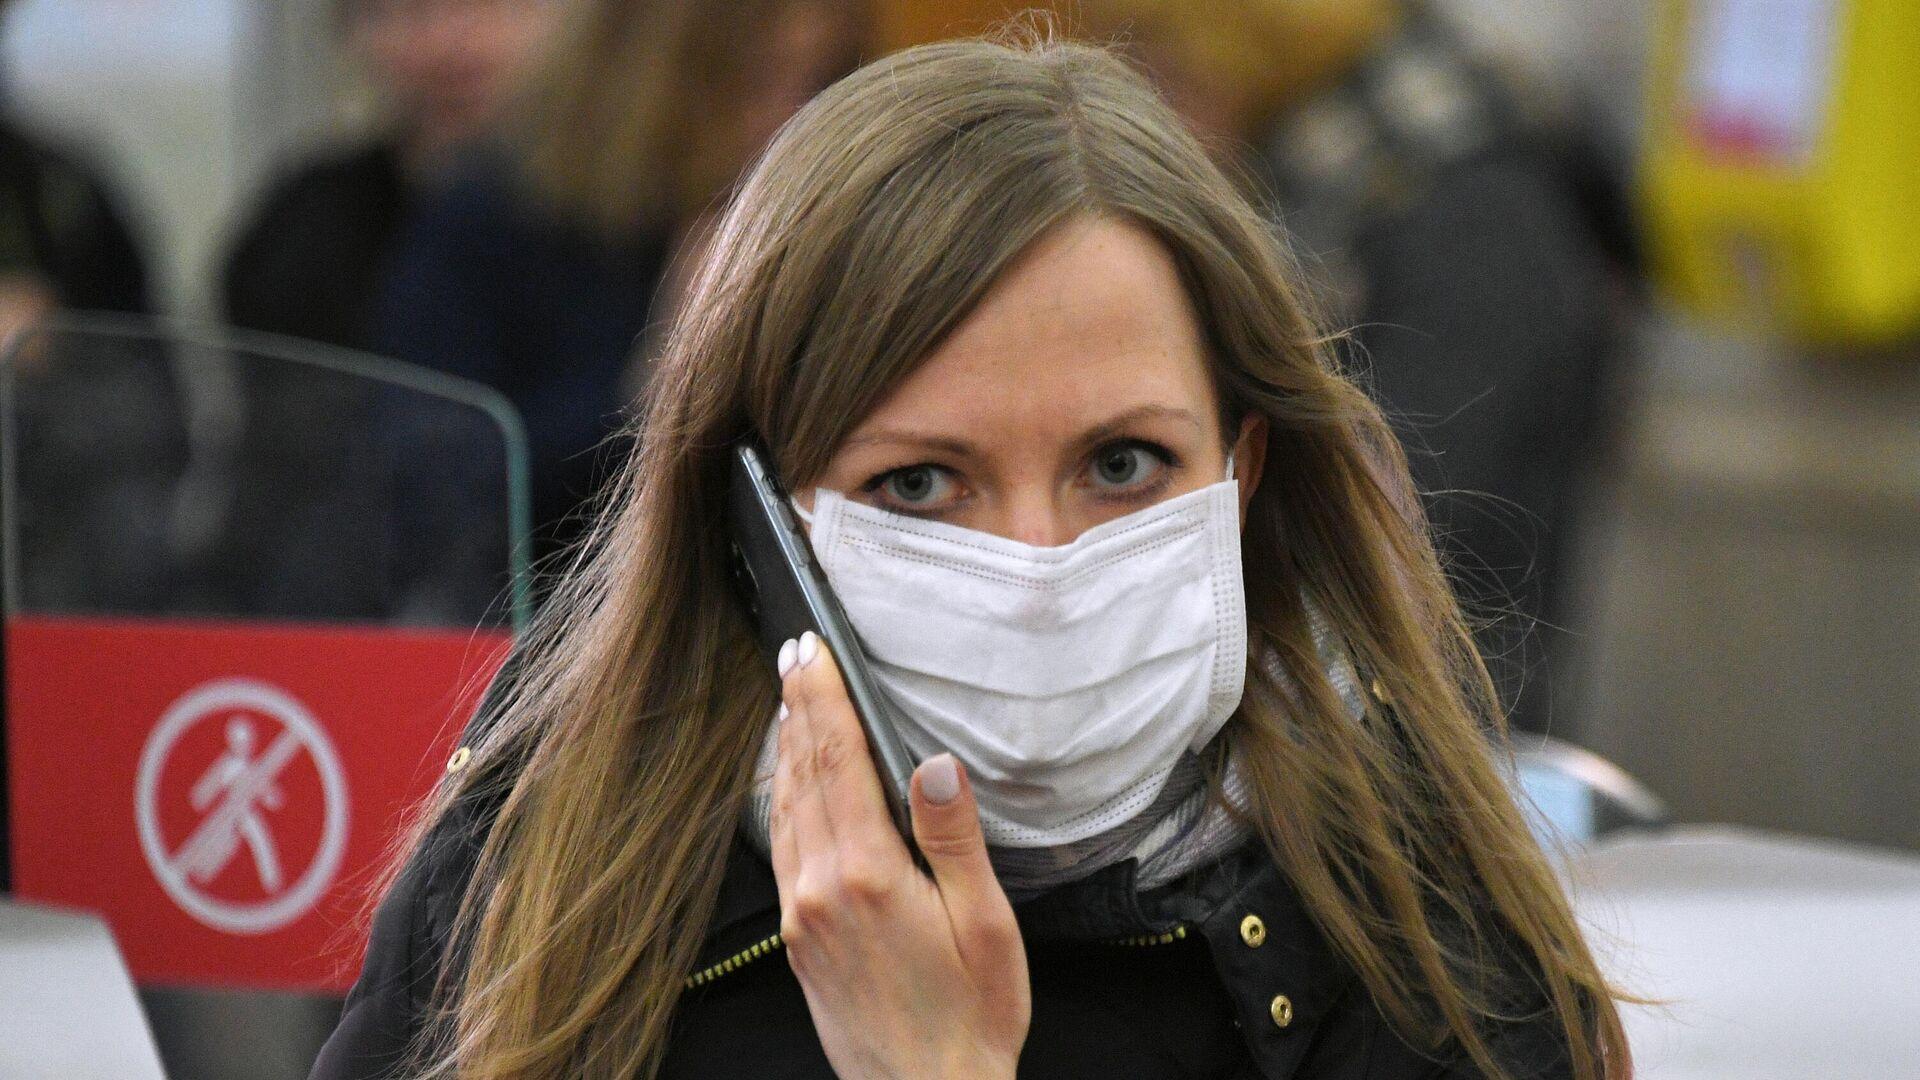 Девушка в медицинской маске на одной из станций Московского метрополитена - РИА Новости, 1920, 11.02.2021